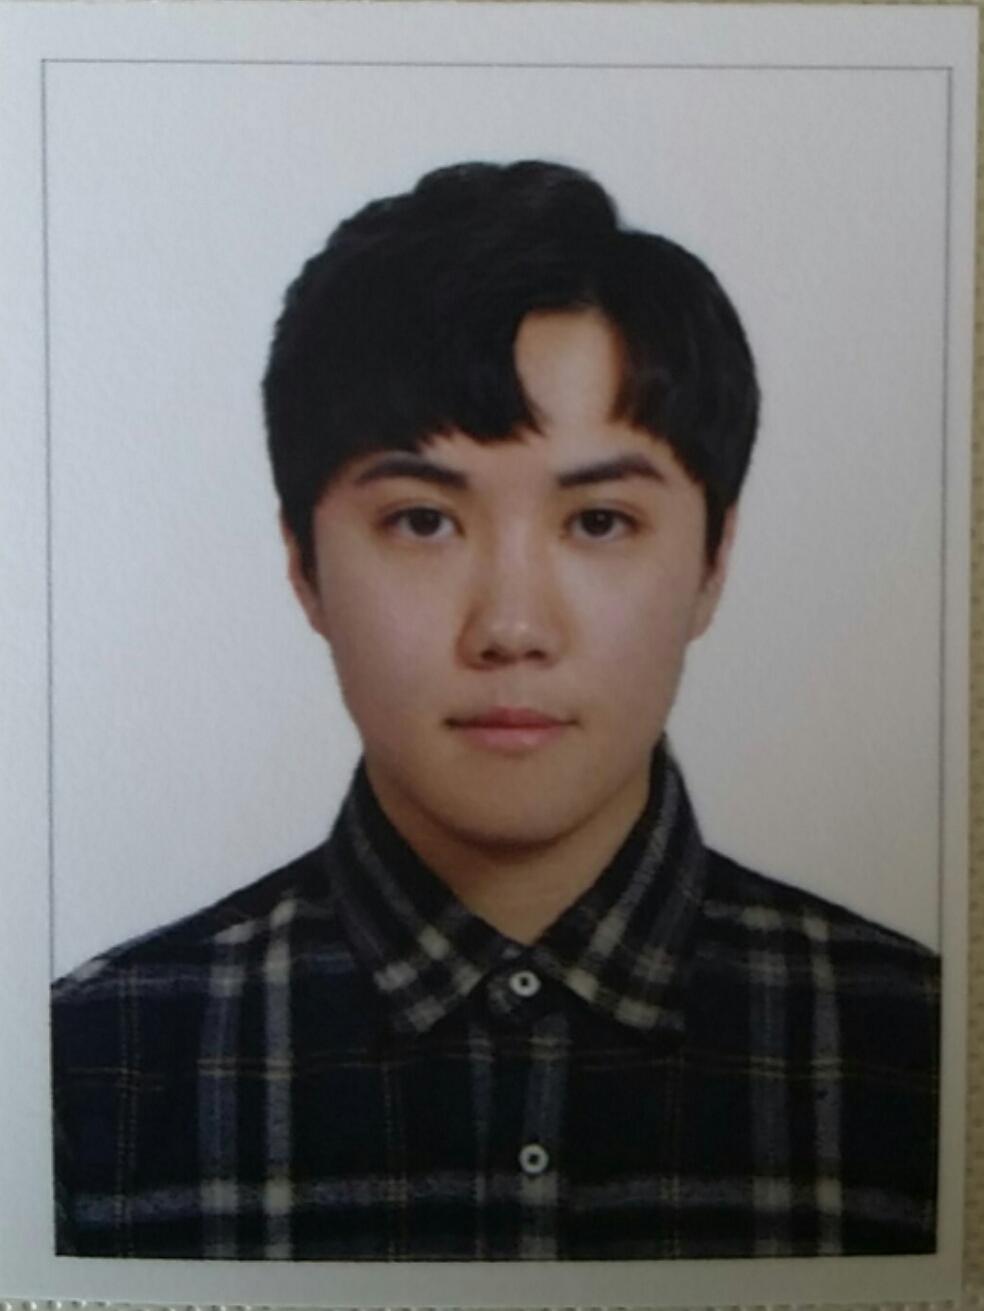 Hyeong Jin Kim